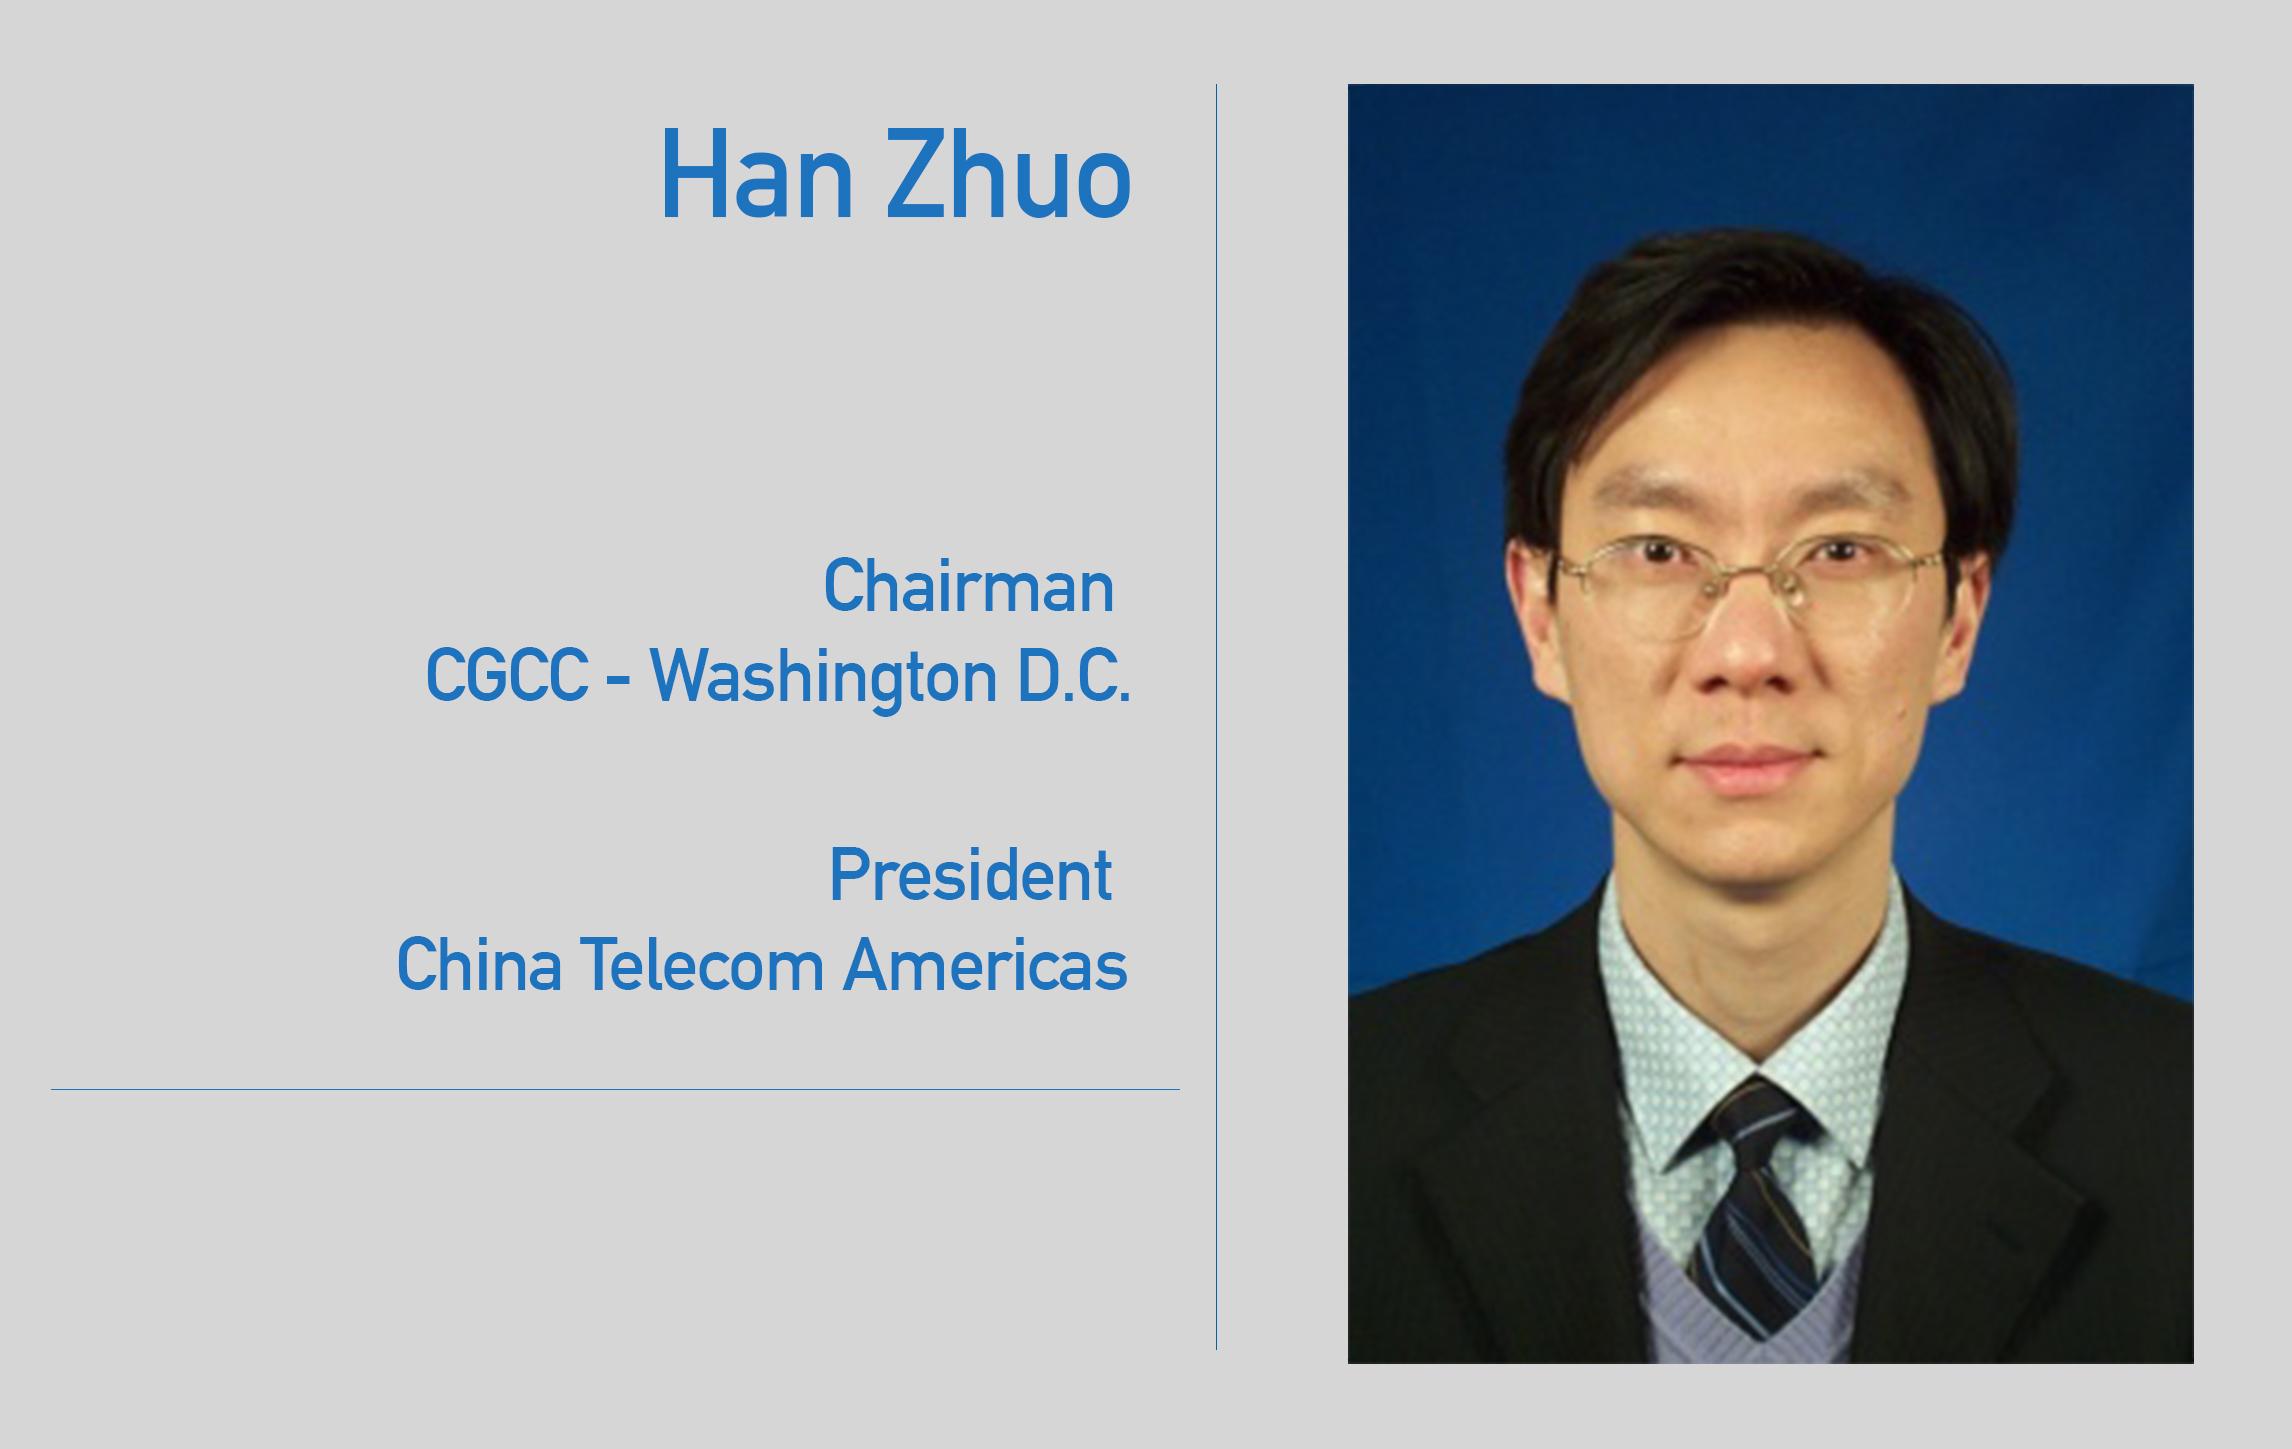 Han Zhuo Chapter